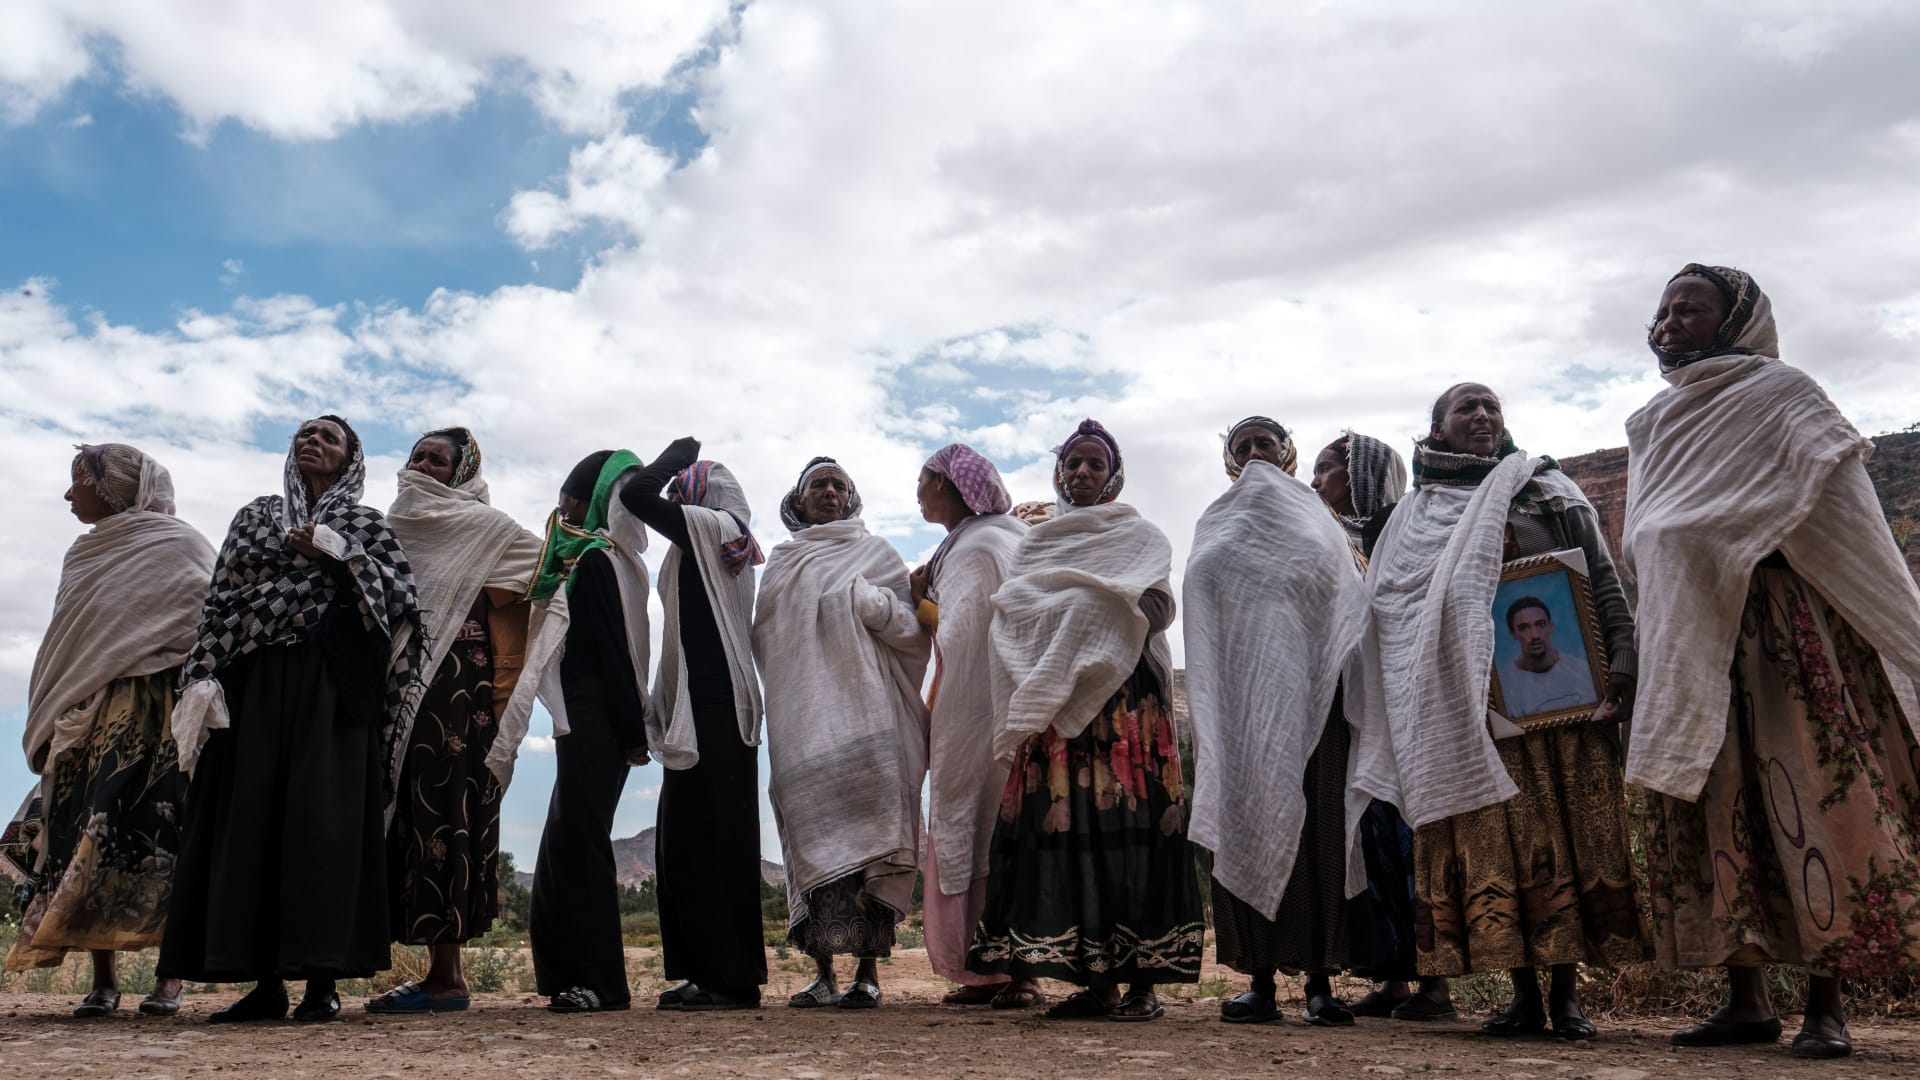 تجمع النساء حدادا على ضحايا مجزرة يُزعم أن جنودًا إريتريون ارتكبوها في قرية دينقولات شمال ميكيلي، عاصمة تيغراي في 26 فبراير 2021